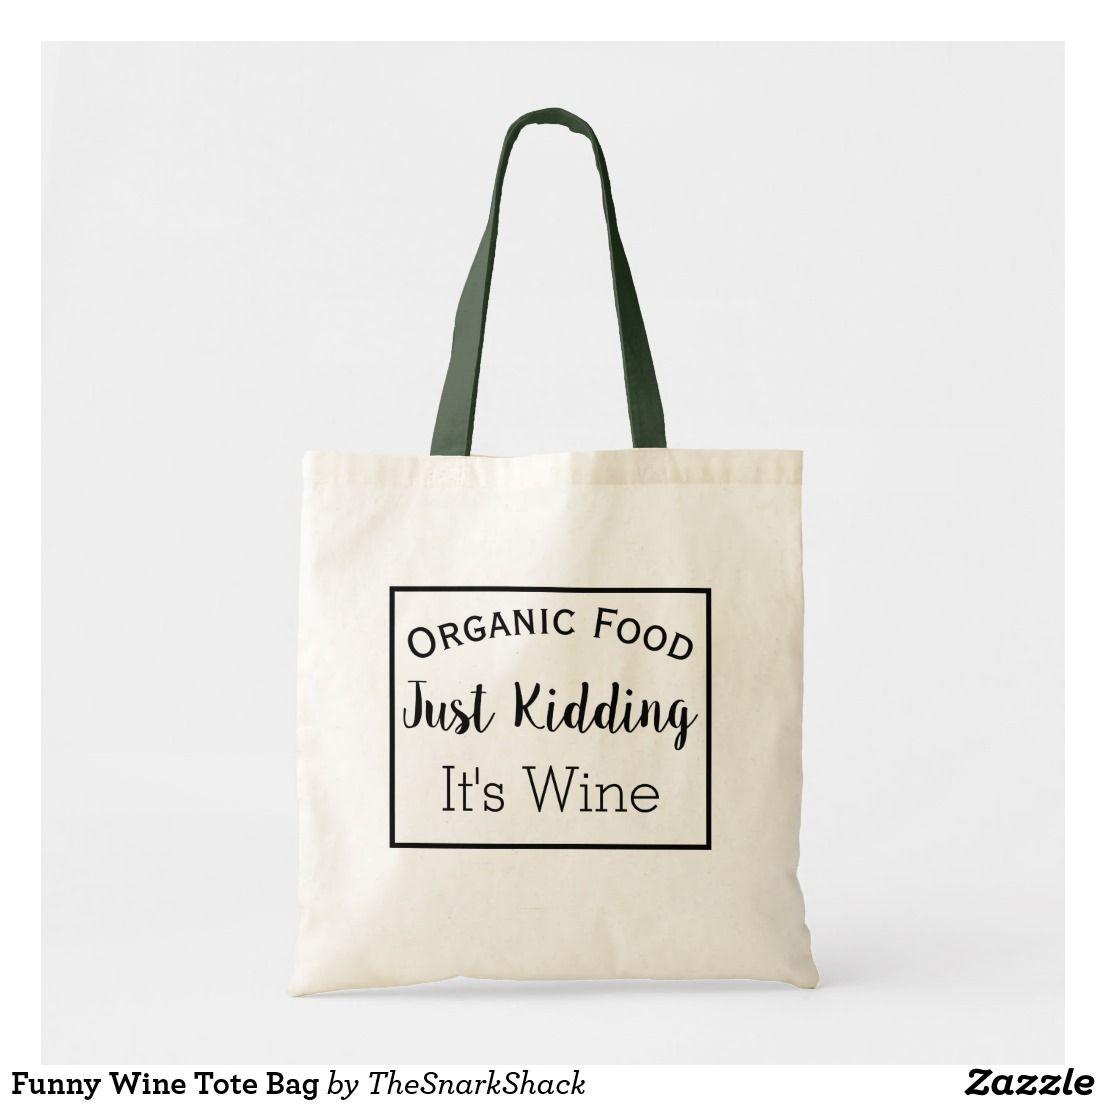 Funny Wine Tote Bag Zazzle Com In 2020 Wine Tote Bag Funny Tote Bags Wine Tote